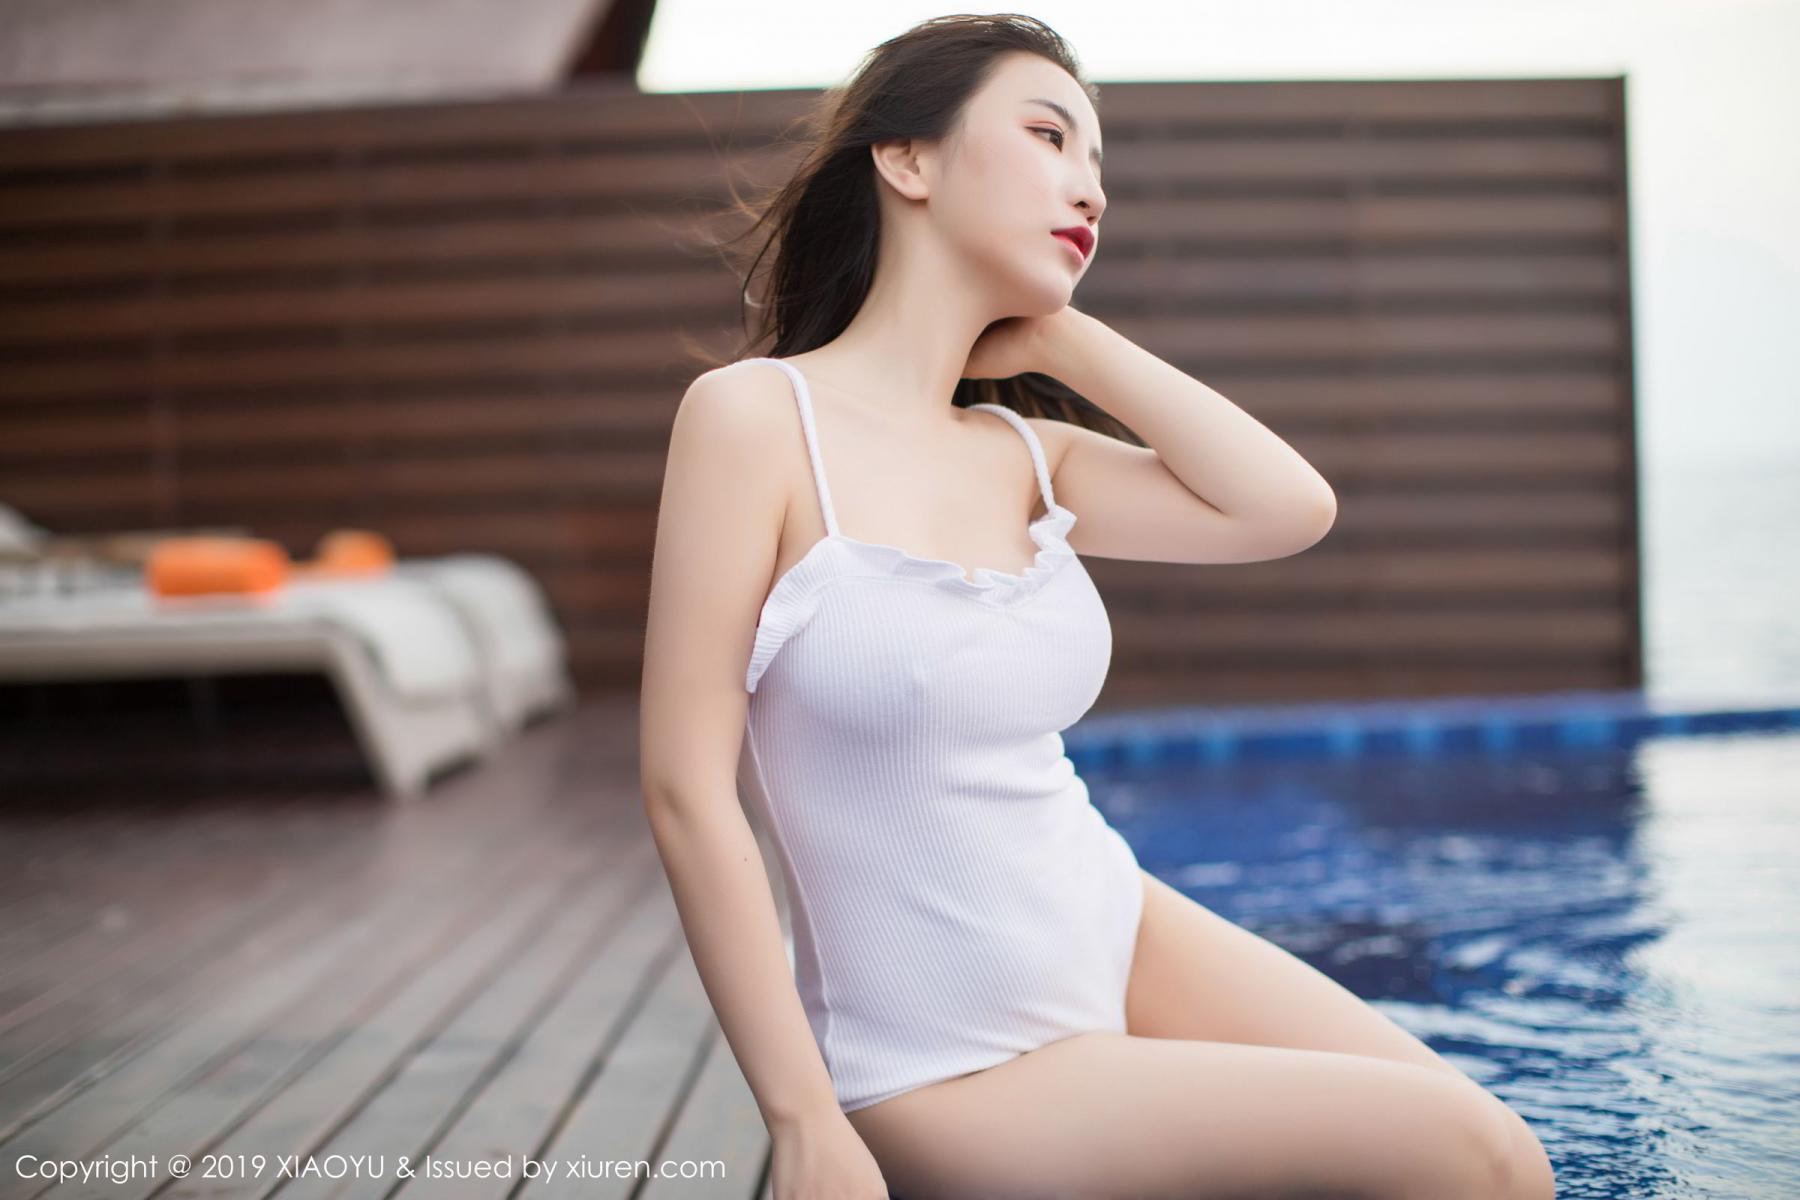 [XiaoYu] Vol.071 Xie Zhi Xin 18P, Bikini, XiaoYu, Xie Zhi Xin